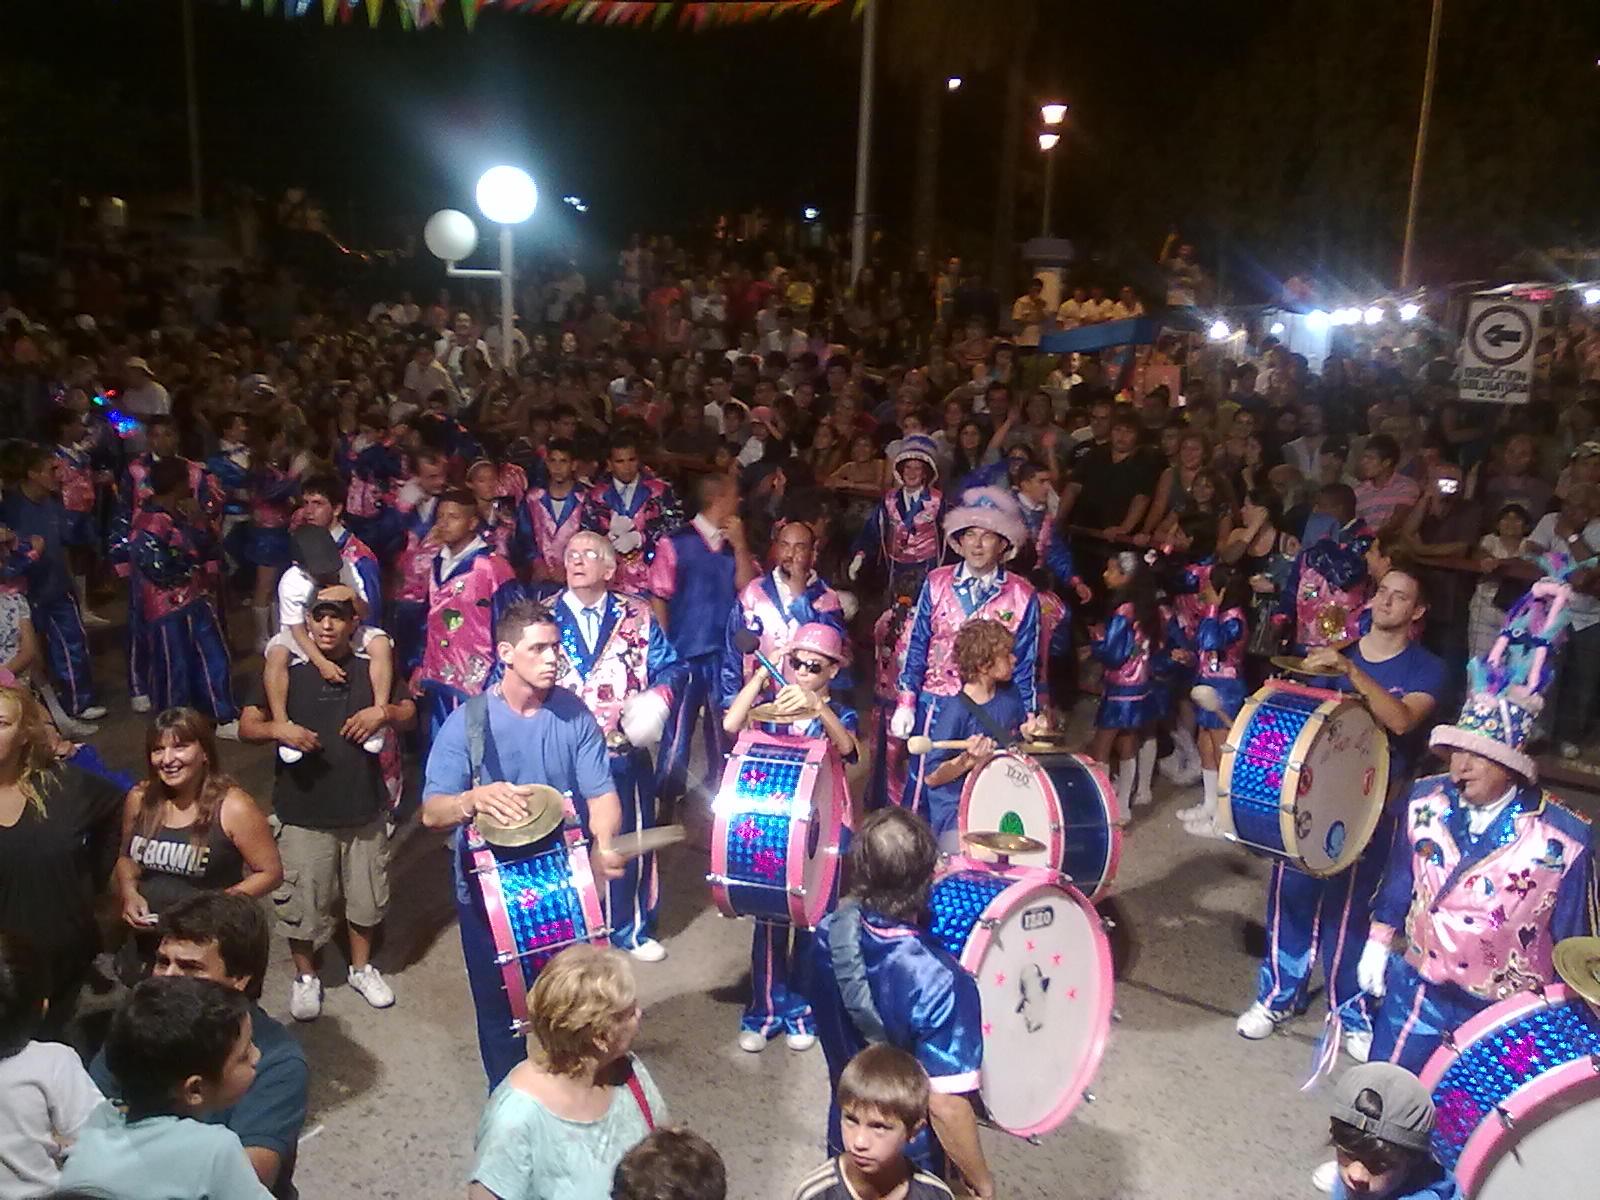 Se vienen los festejos de carnaval con varias murgas locales